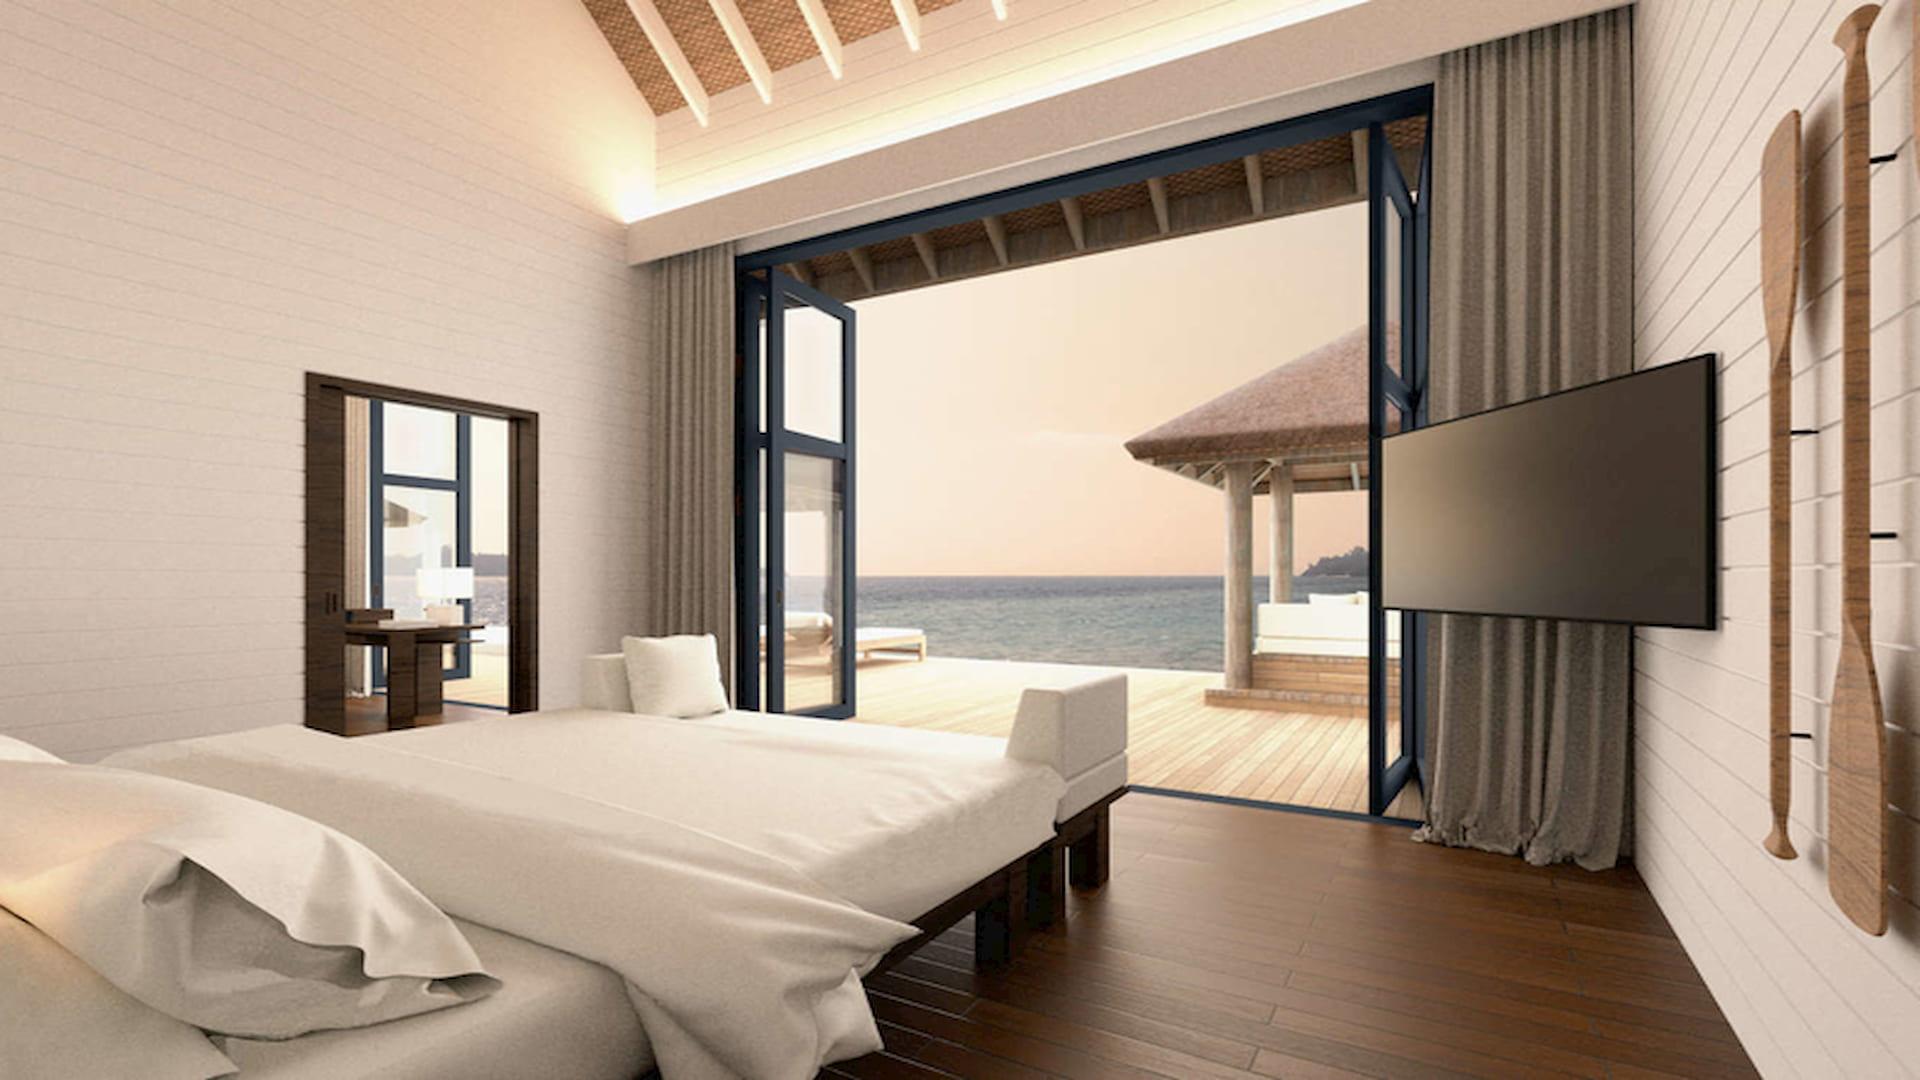 Resort Maldive Cocoa Island resort Maldive como cocoa water villa with pool